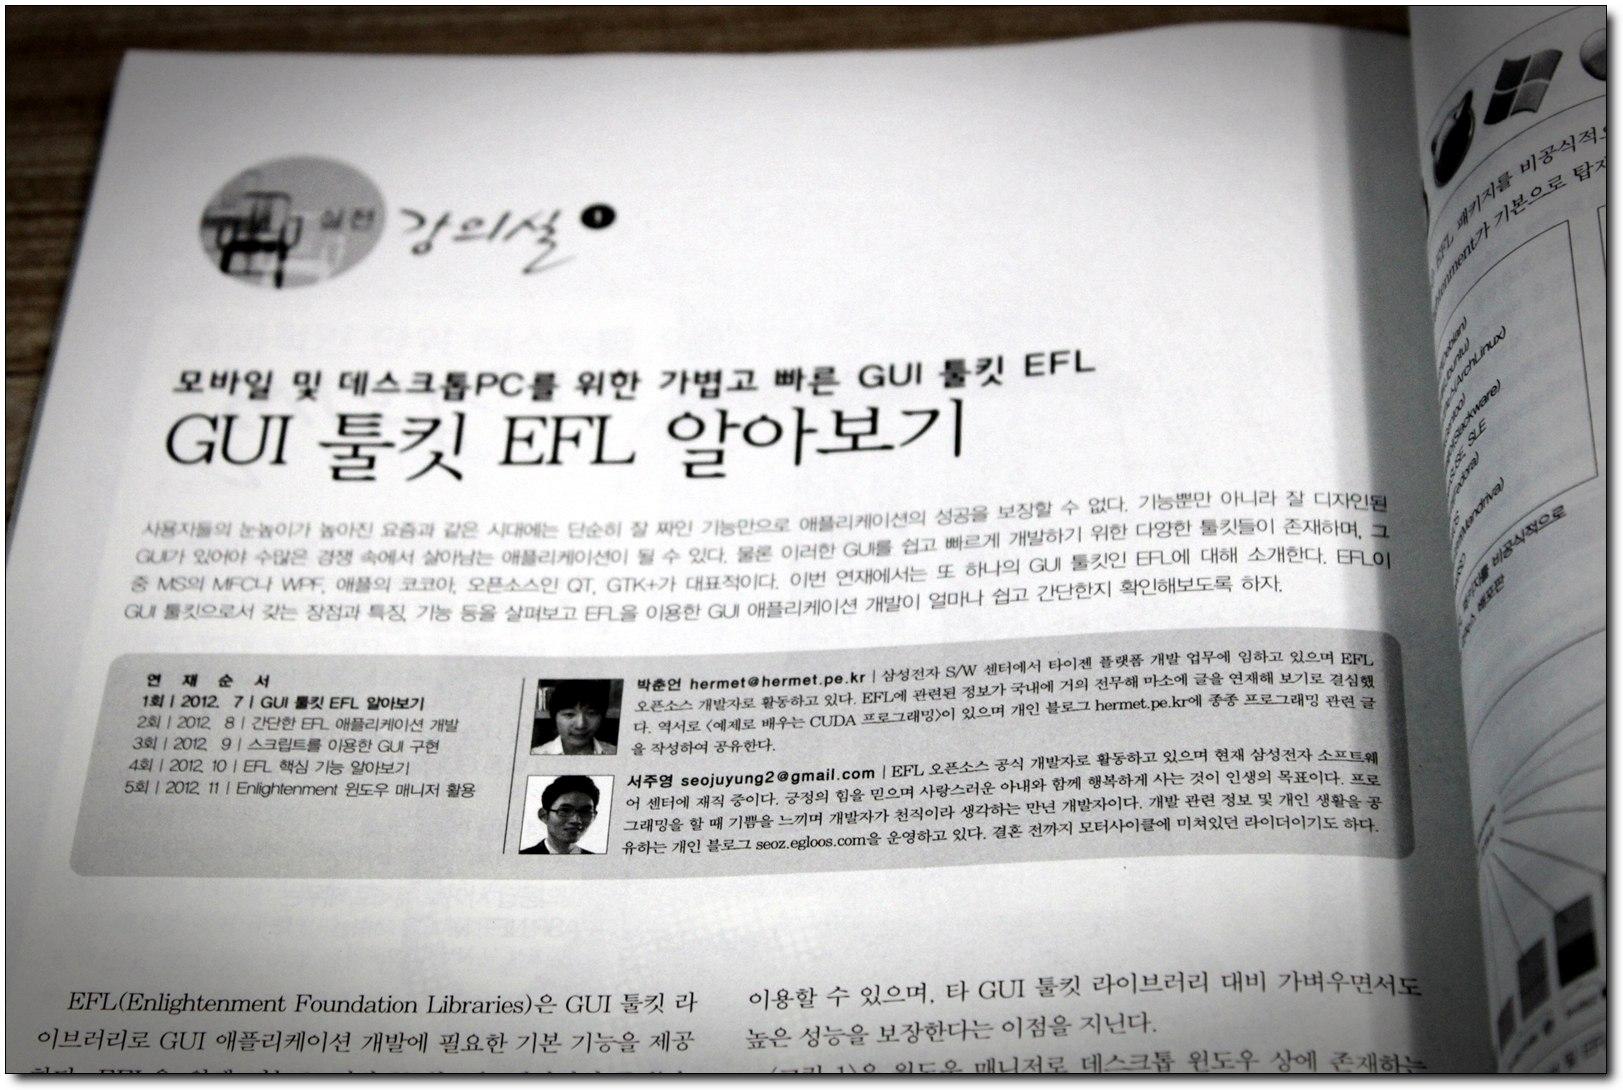 [EFL] 마이크로 소프트웨어 (2012년 7월호) 잡지..